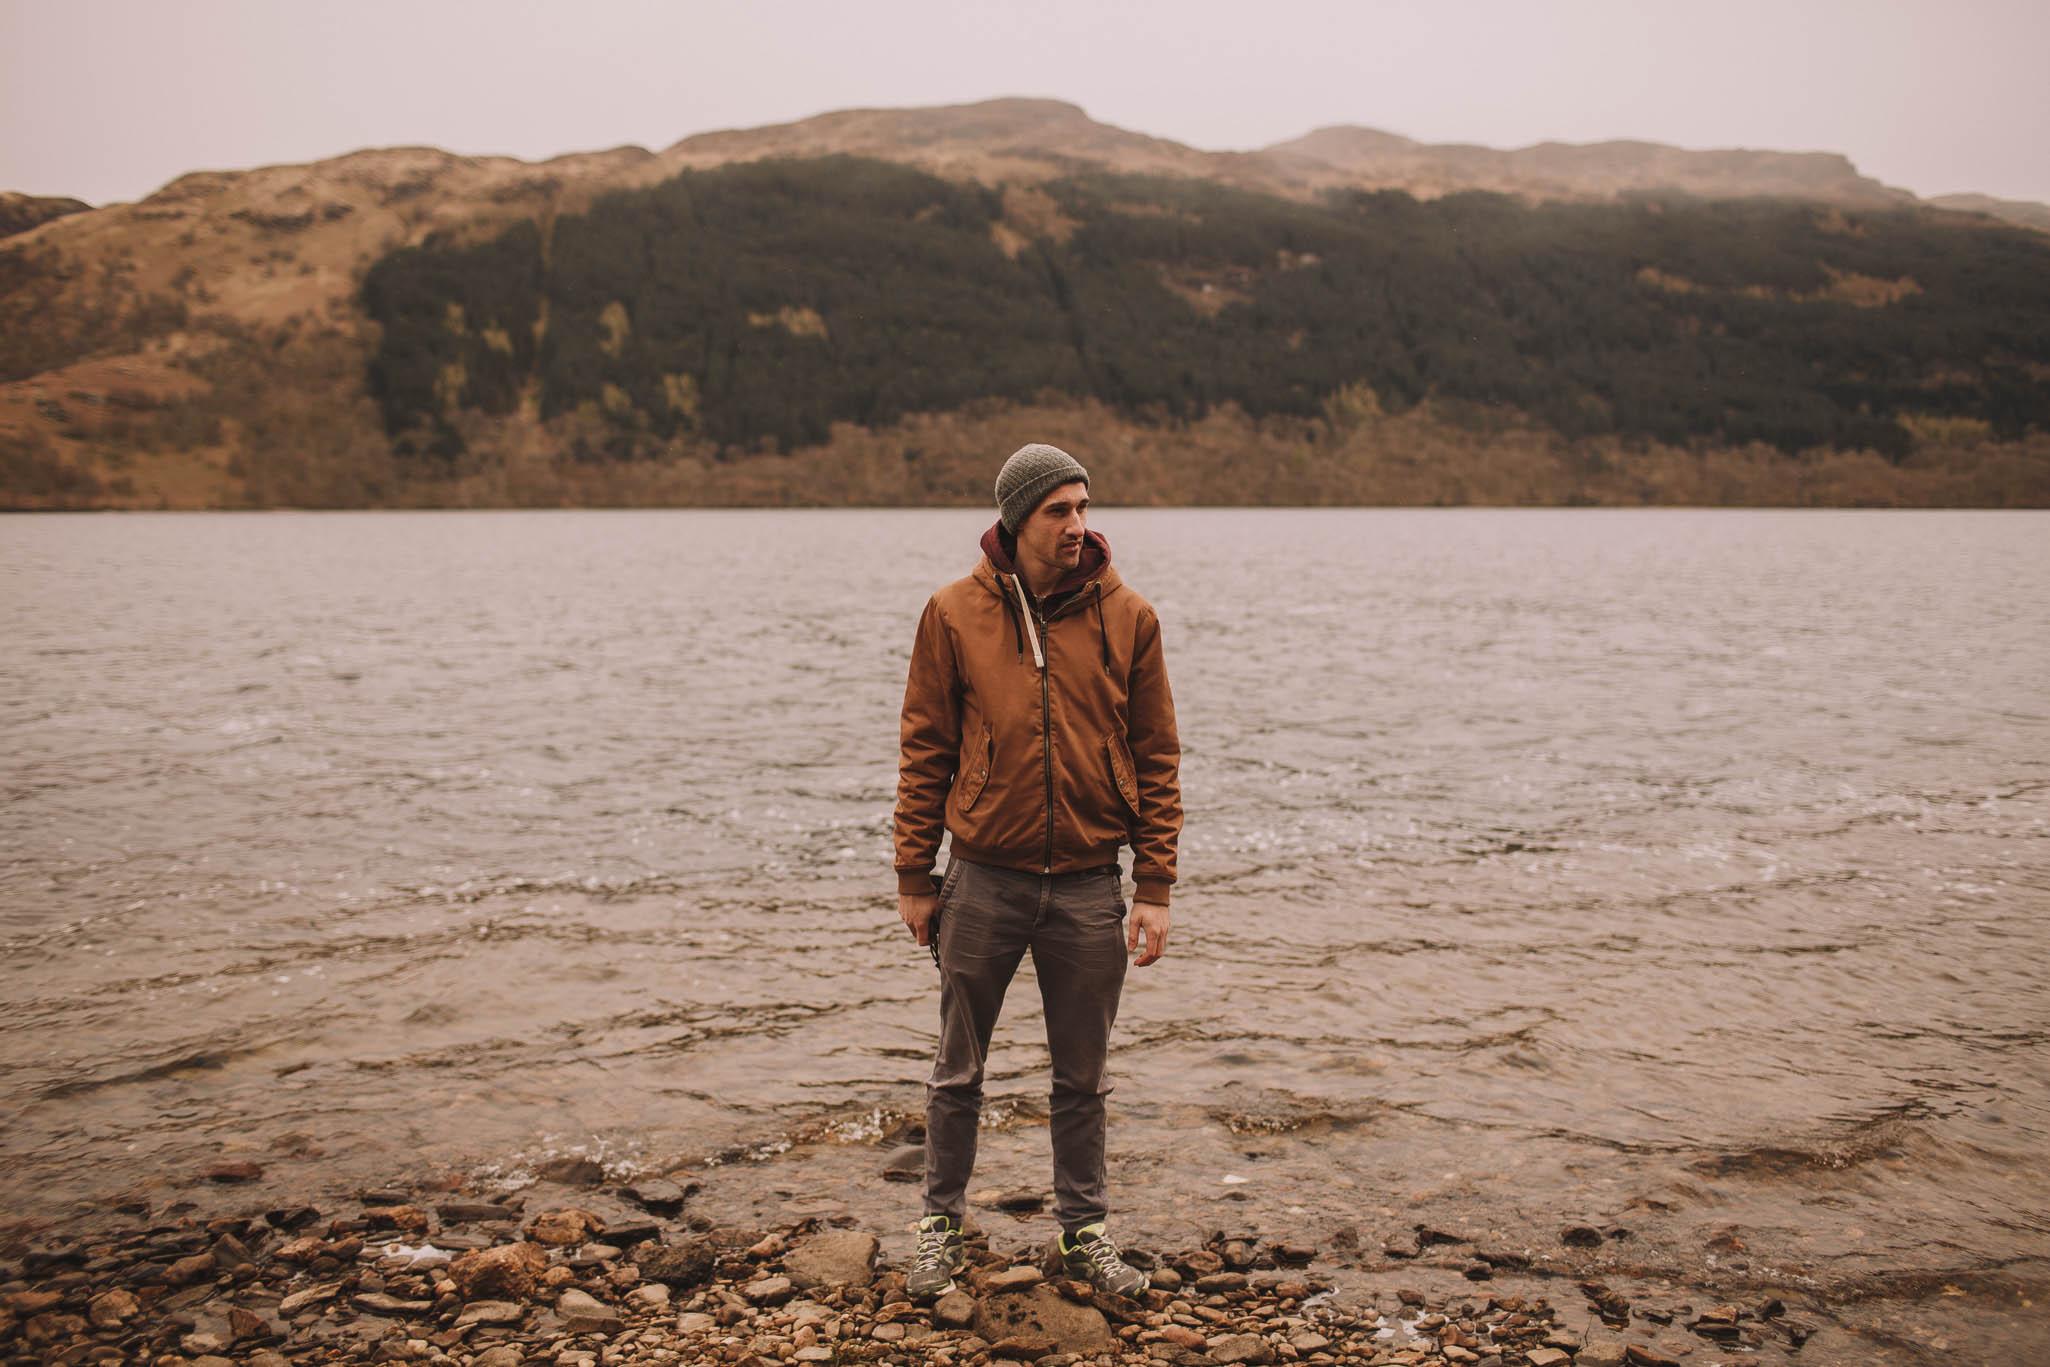 Scotland-wedding-photographer-jeremy-boyer-photographe-mariage-ecosse-voyage-road-trip-travel-20.jpg